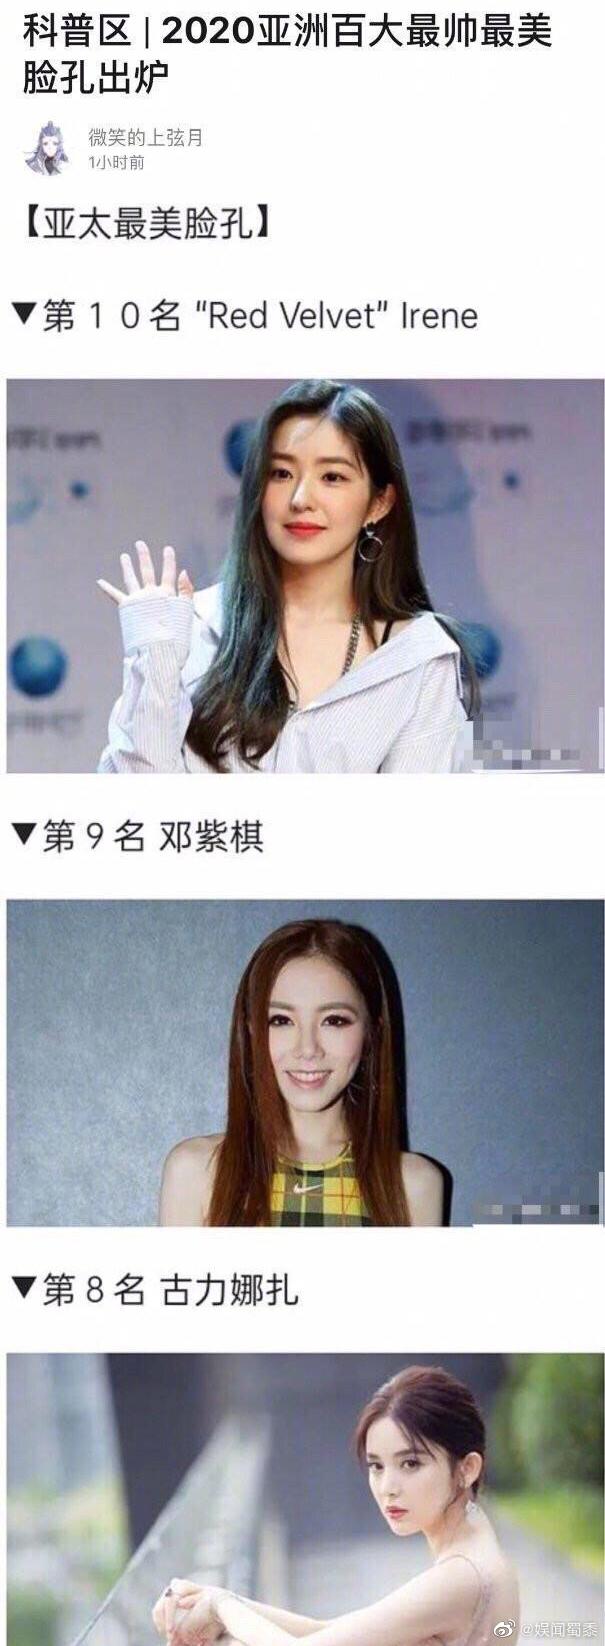 2020年亚洲最帅最美面孔前10出炉,肖战和Lisa分别登顶